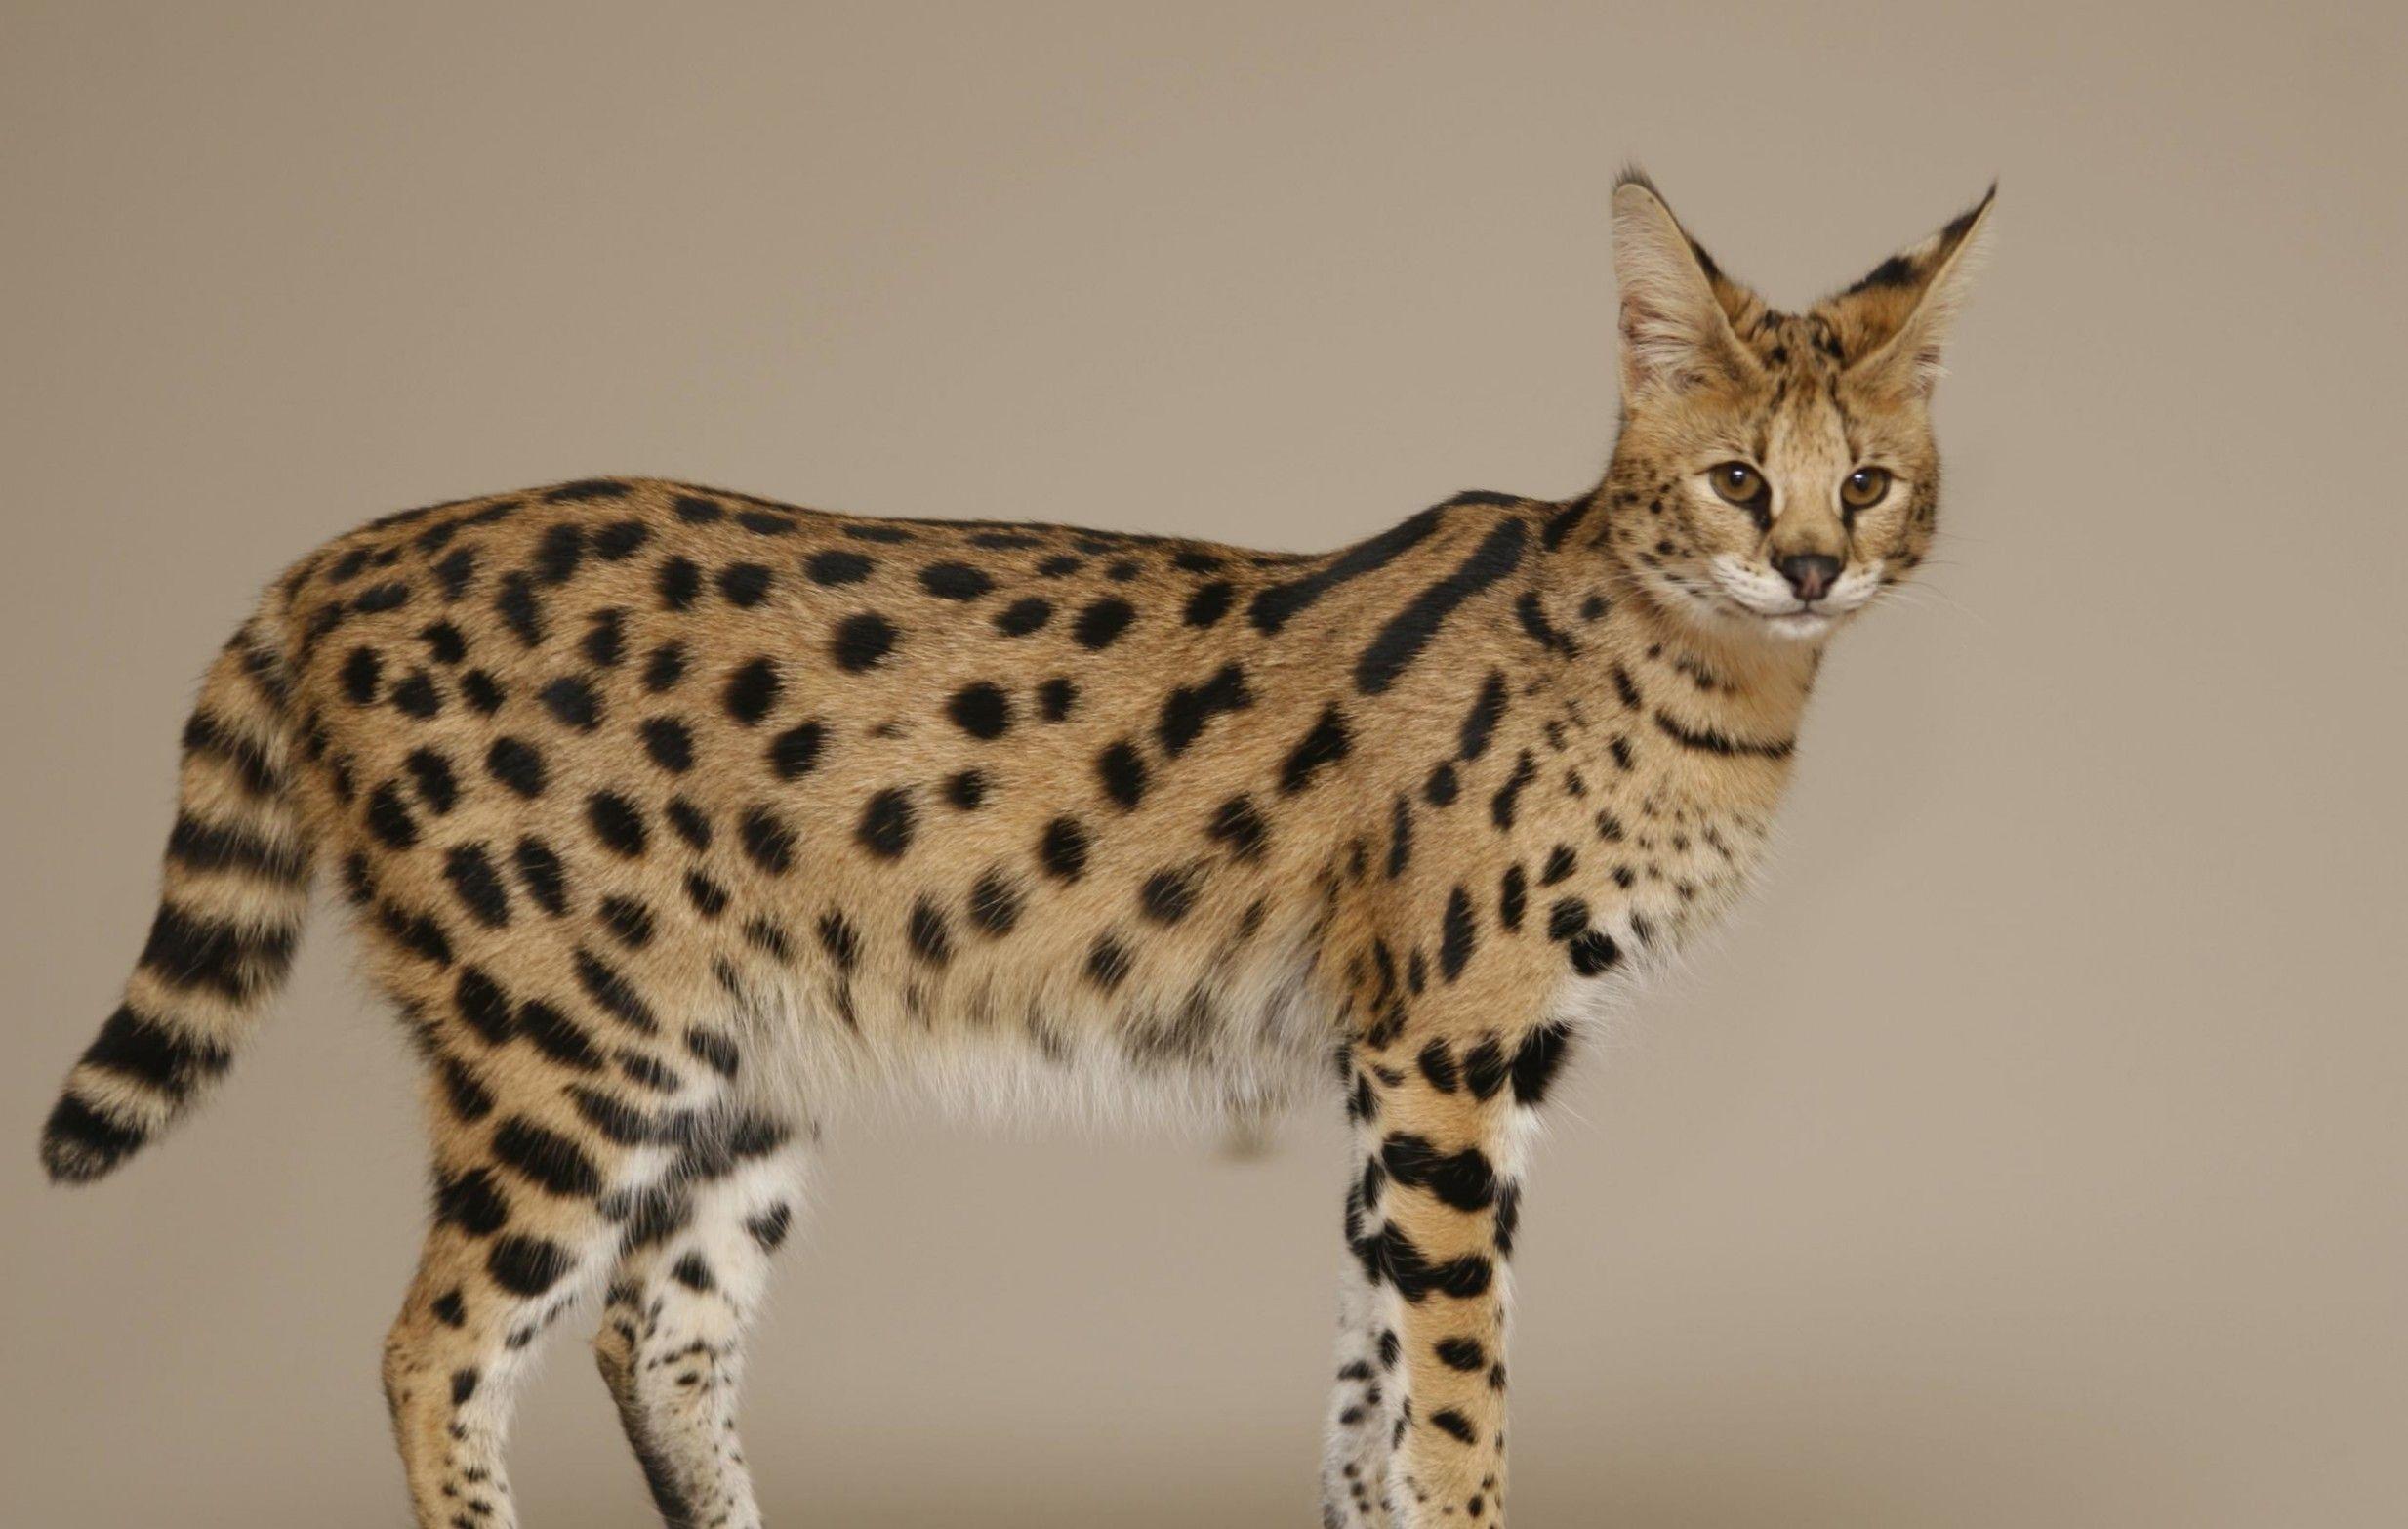 8 Best F5 Savannah Cat Pictures In 2020 Cat Breeds Savannah Cat